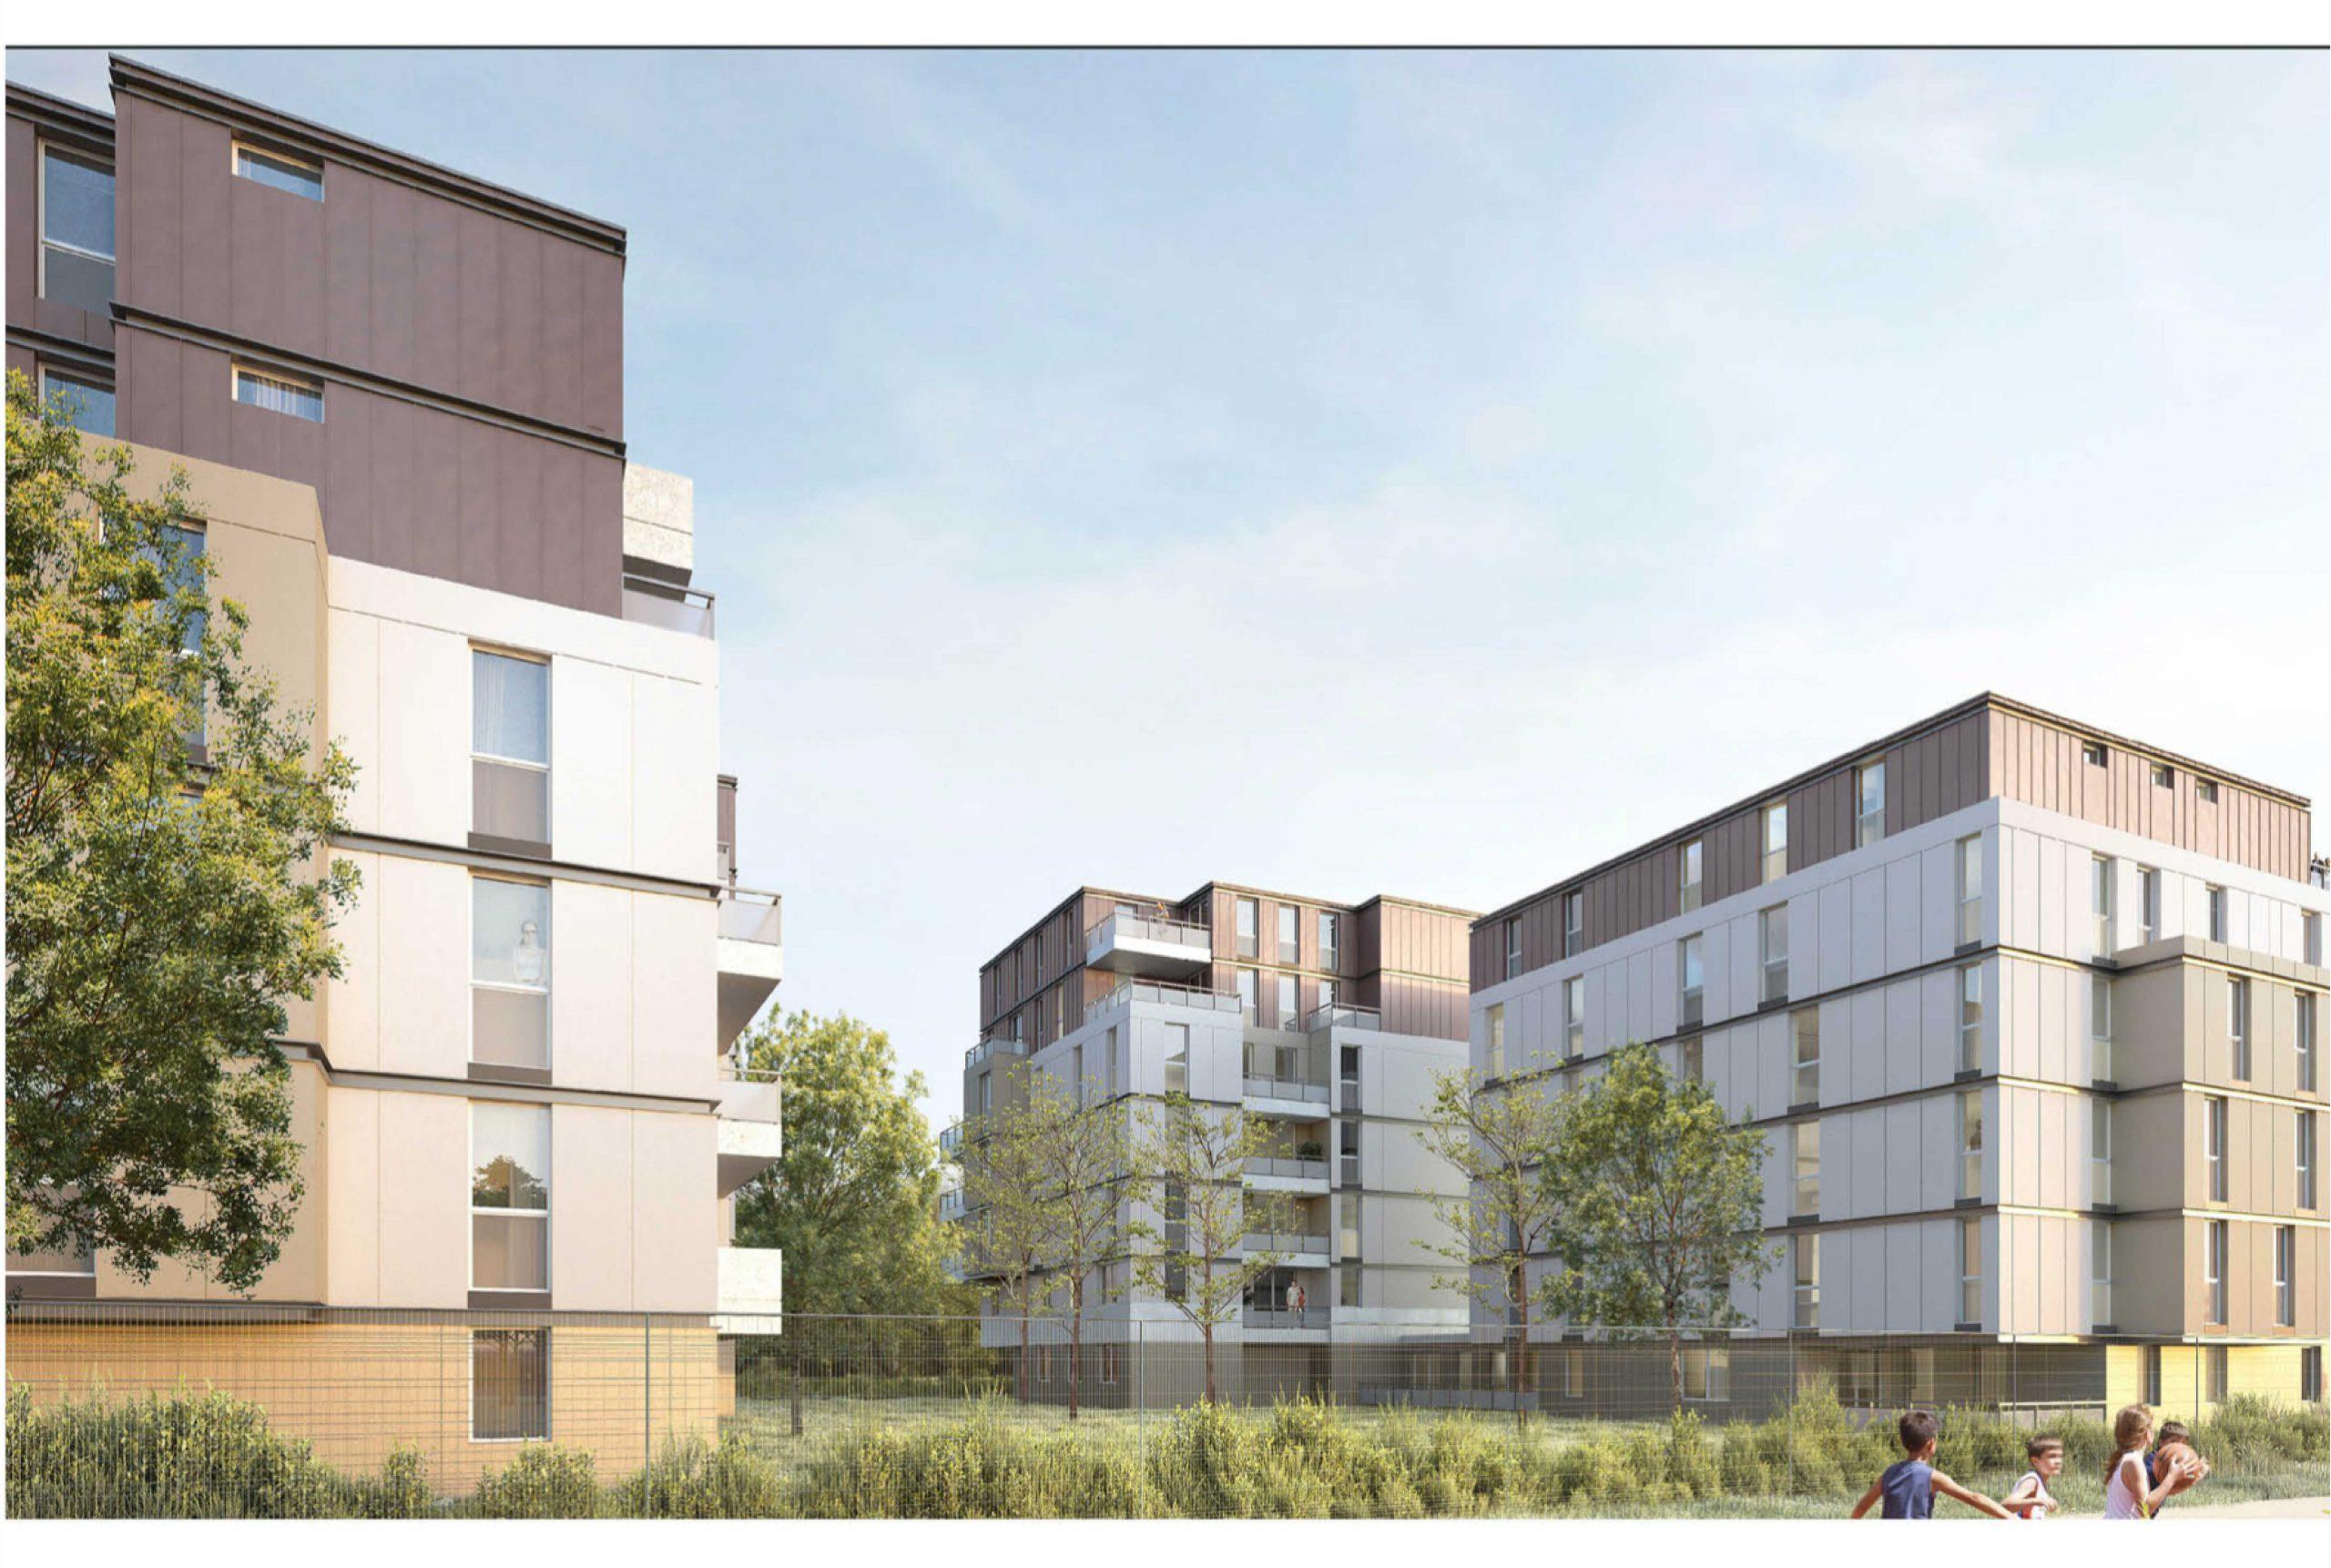 Projet logement Orly Calmette 2 par Atelier JS Tabet